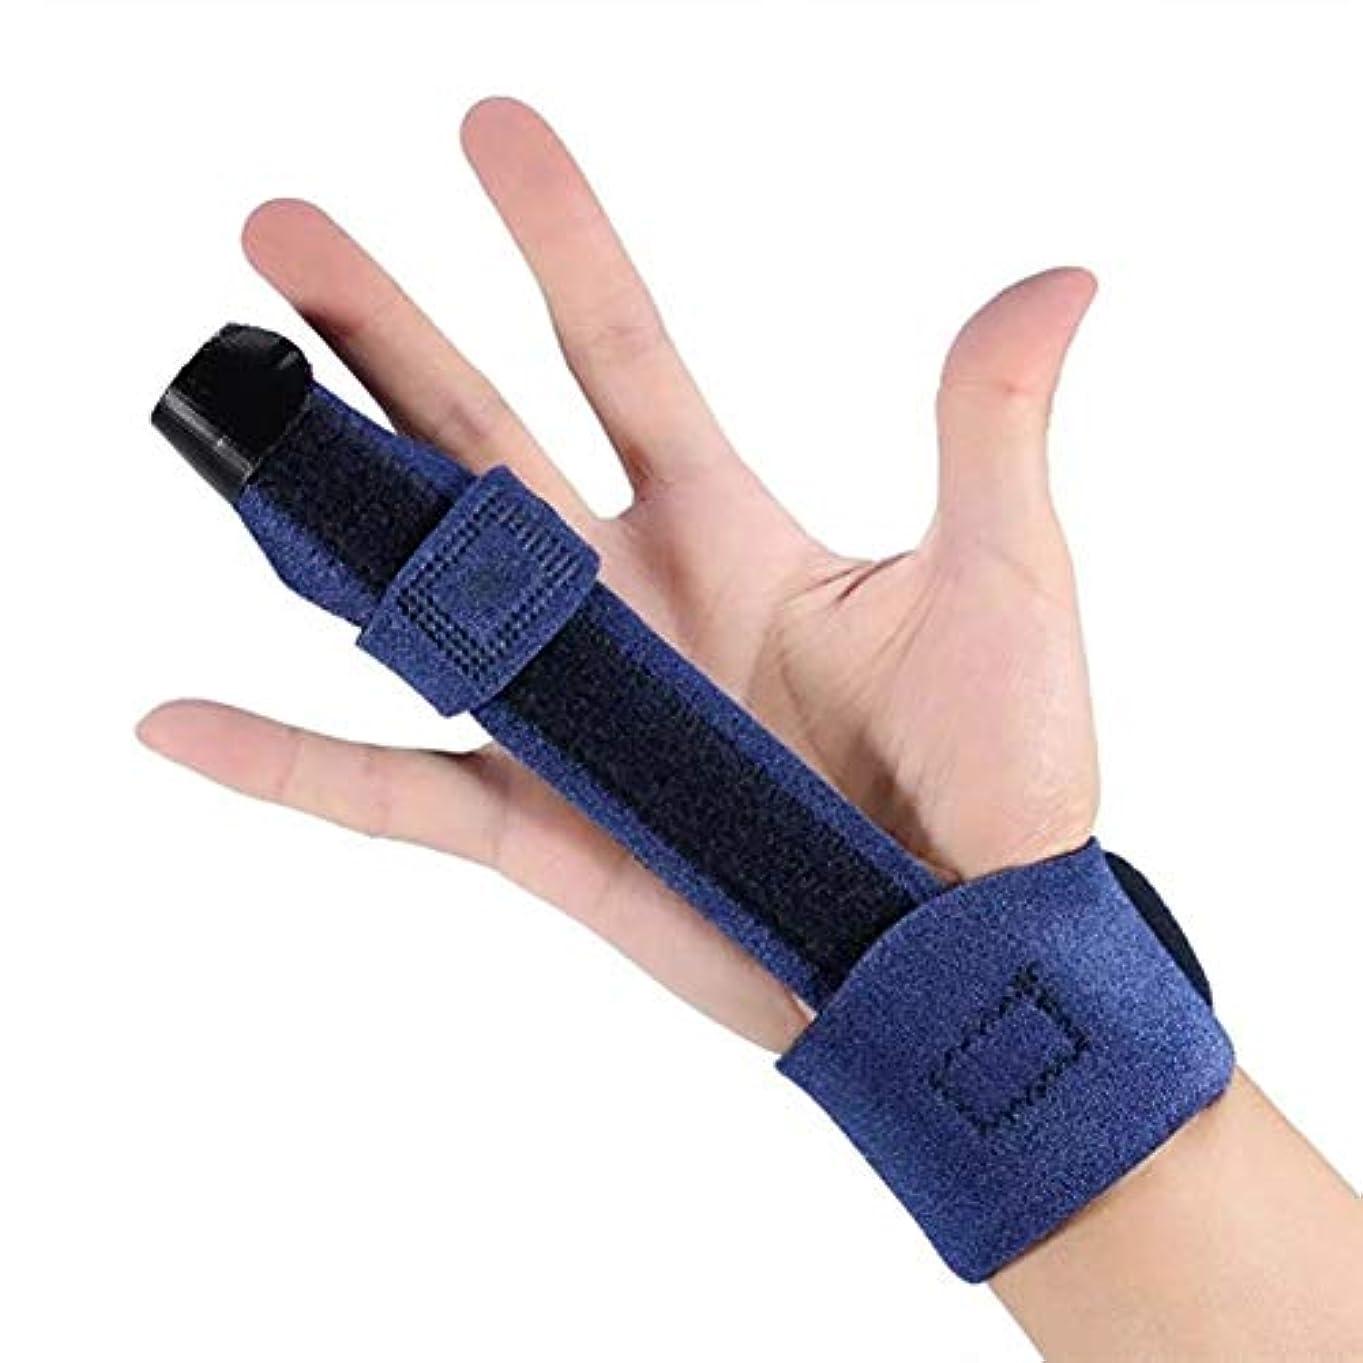 滑りやすいセブンフリルフィンガースプリントフィンガーボードフィンガーセパレーター,フィンガースプリント、指拡張スプリント、指ナックル固定化、傷、術後ケアと痛みを軽減します